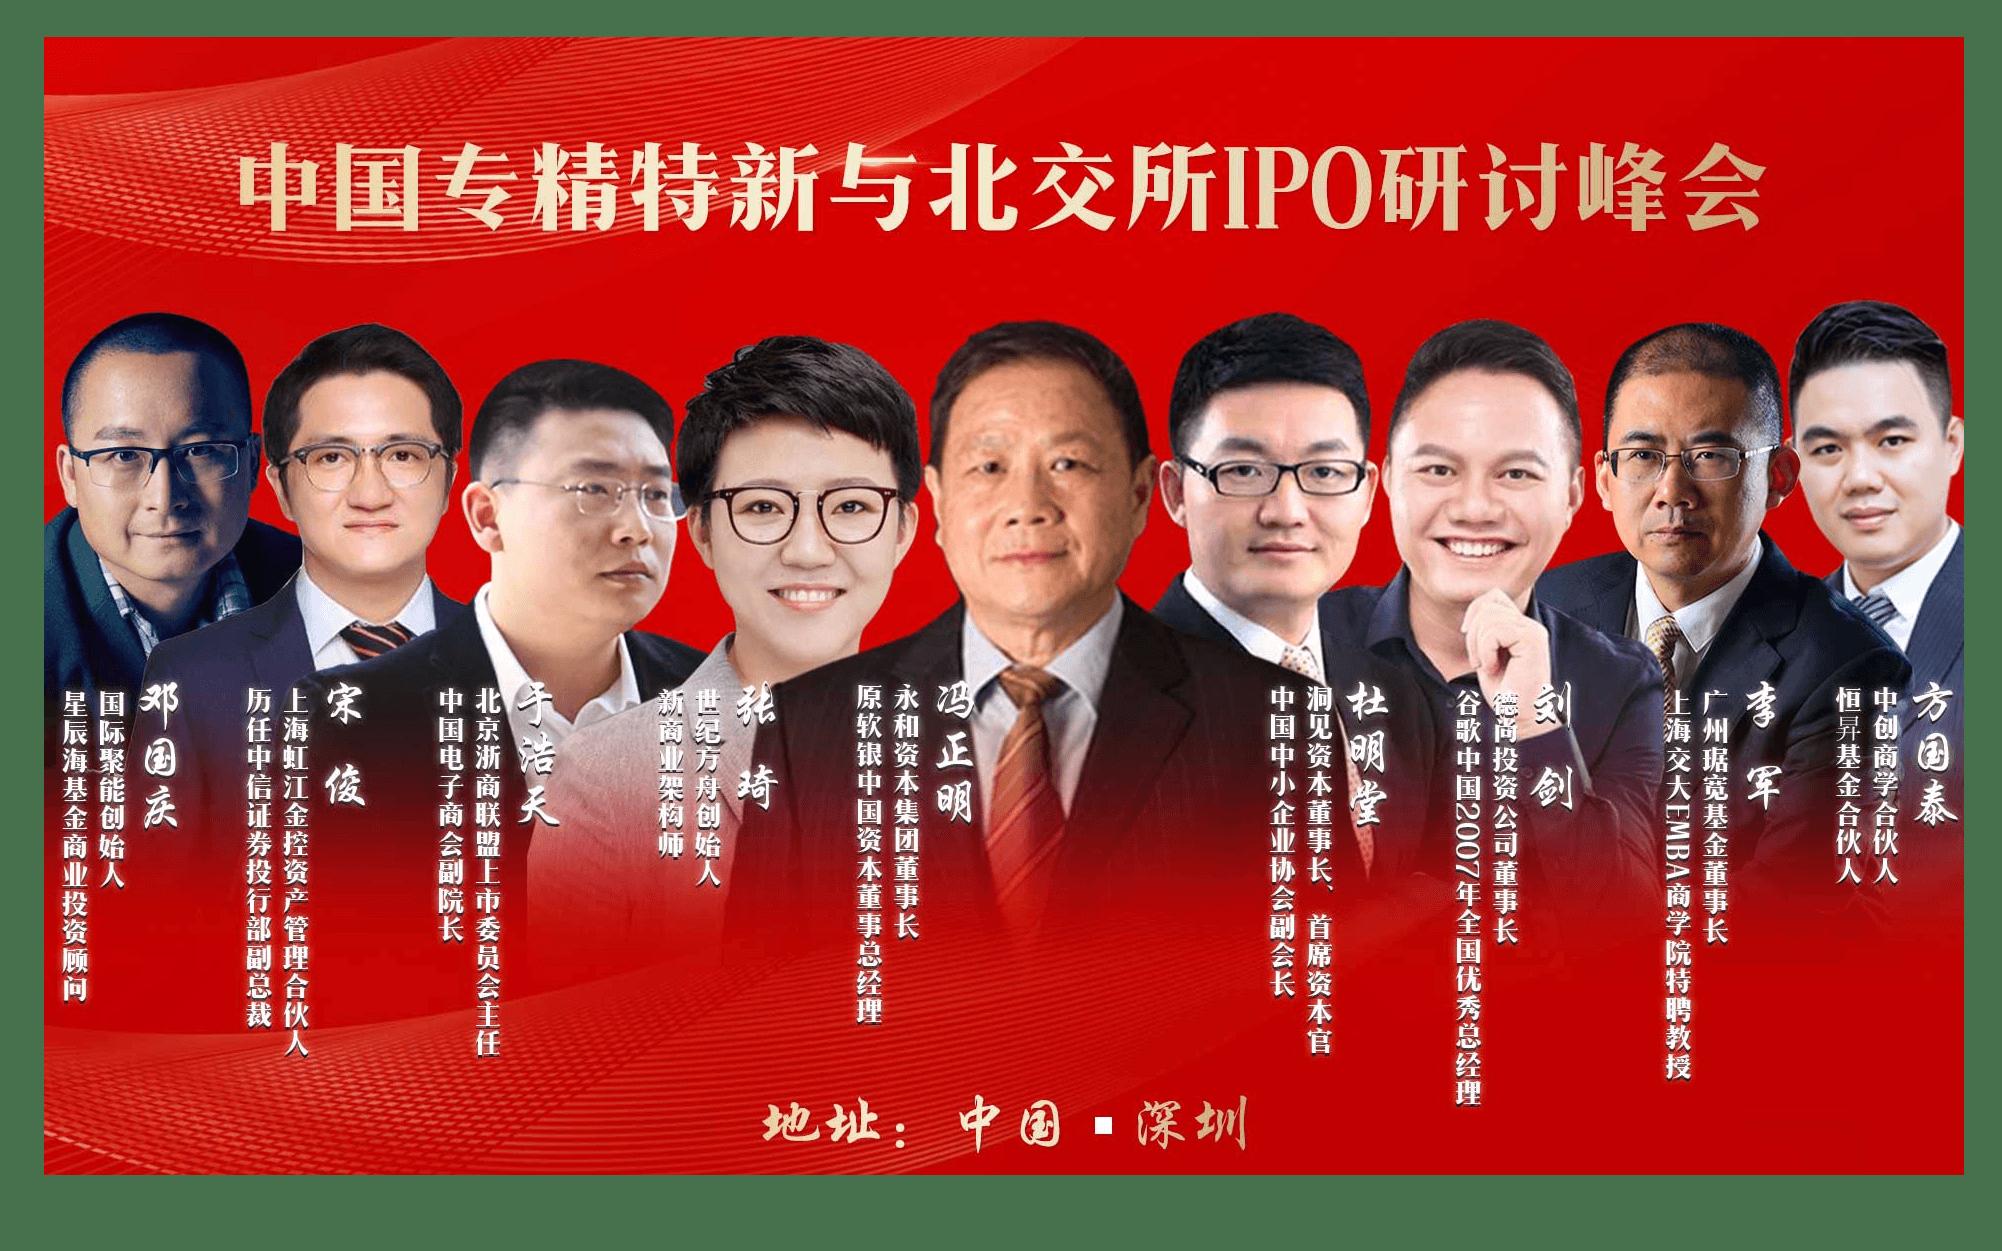 中国专精特新与北交所IPO研讨峰会(上海)